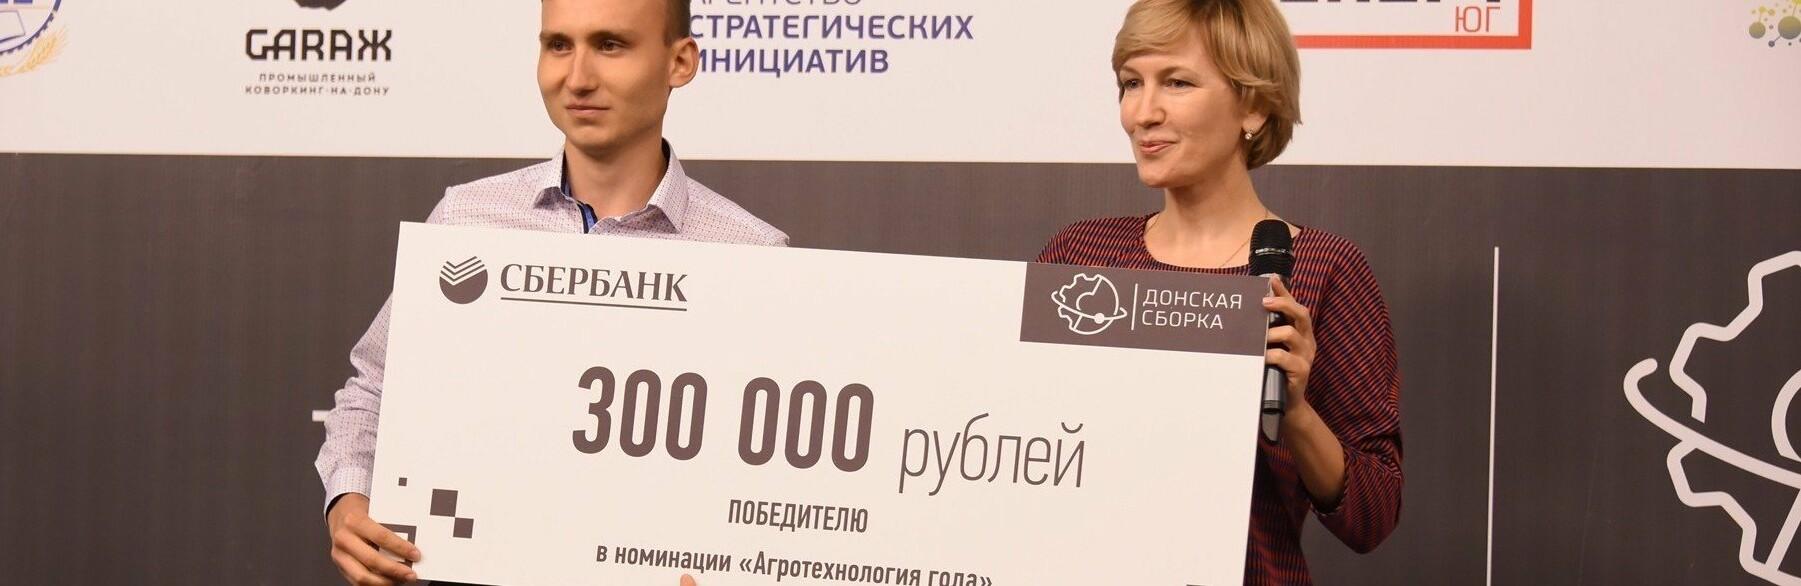 Главный приз на «Донской сборке 2018» достался кубанским изобретателям